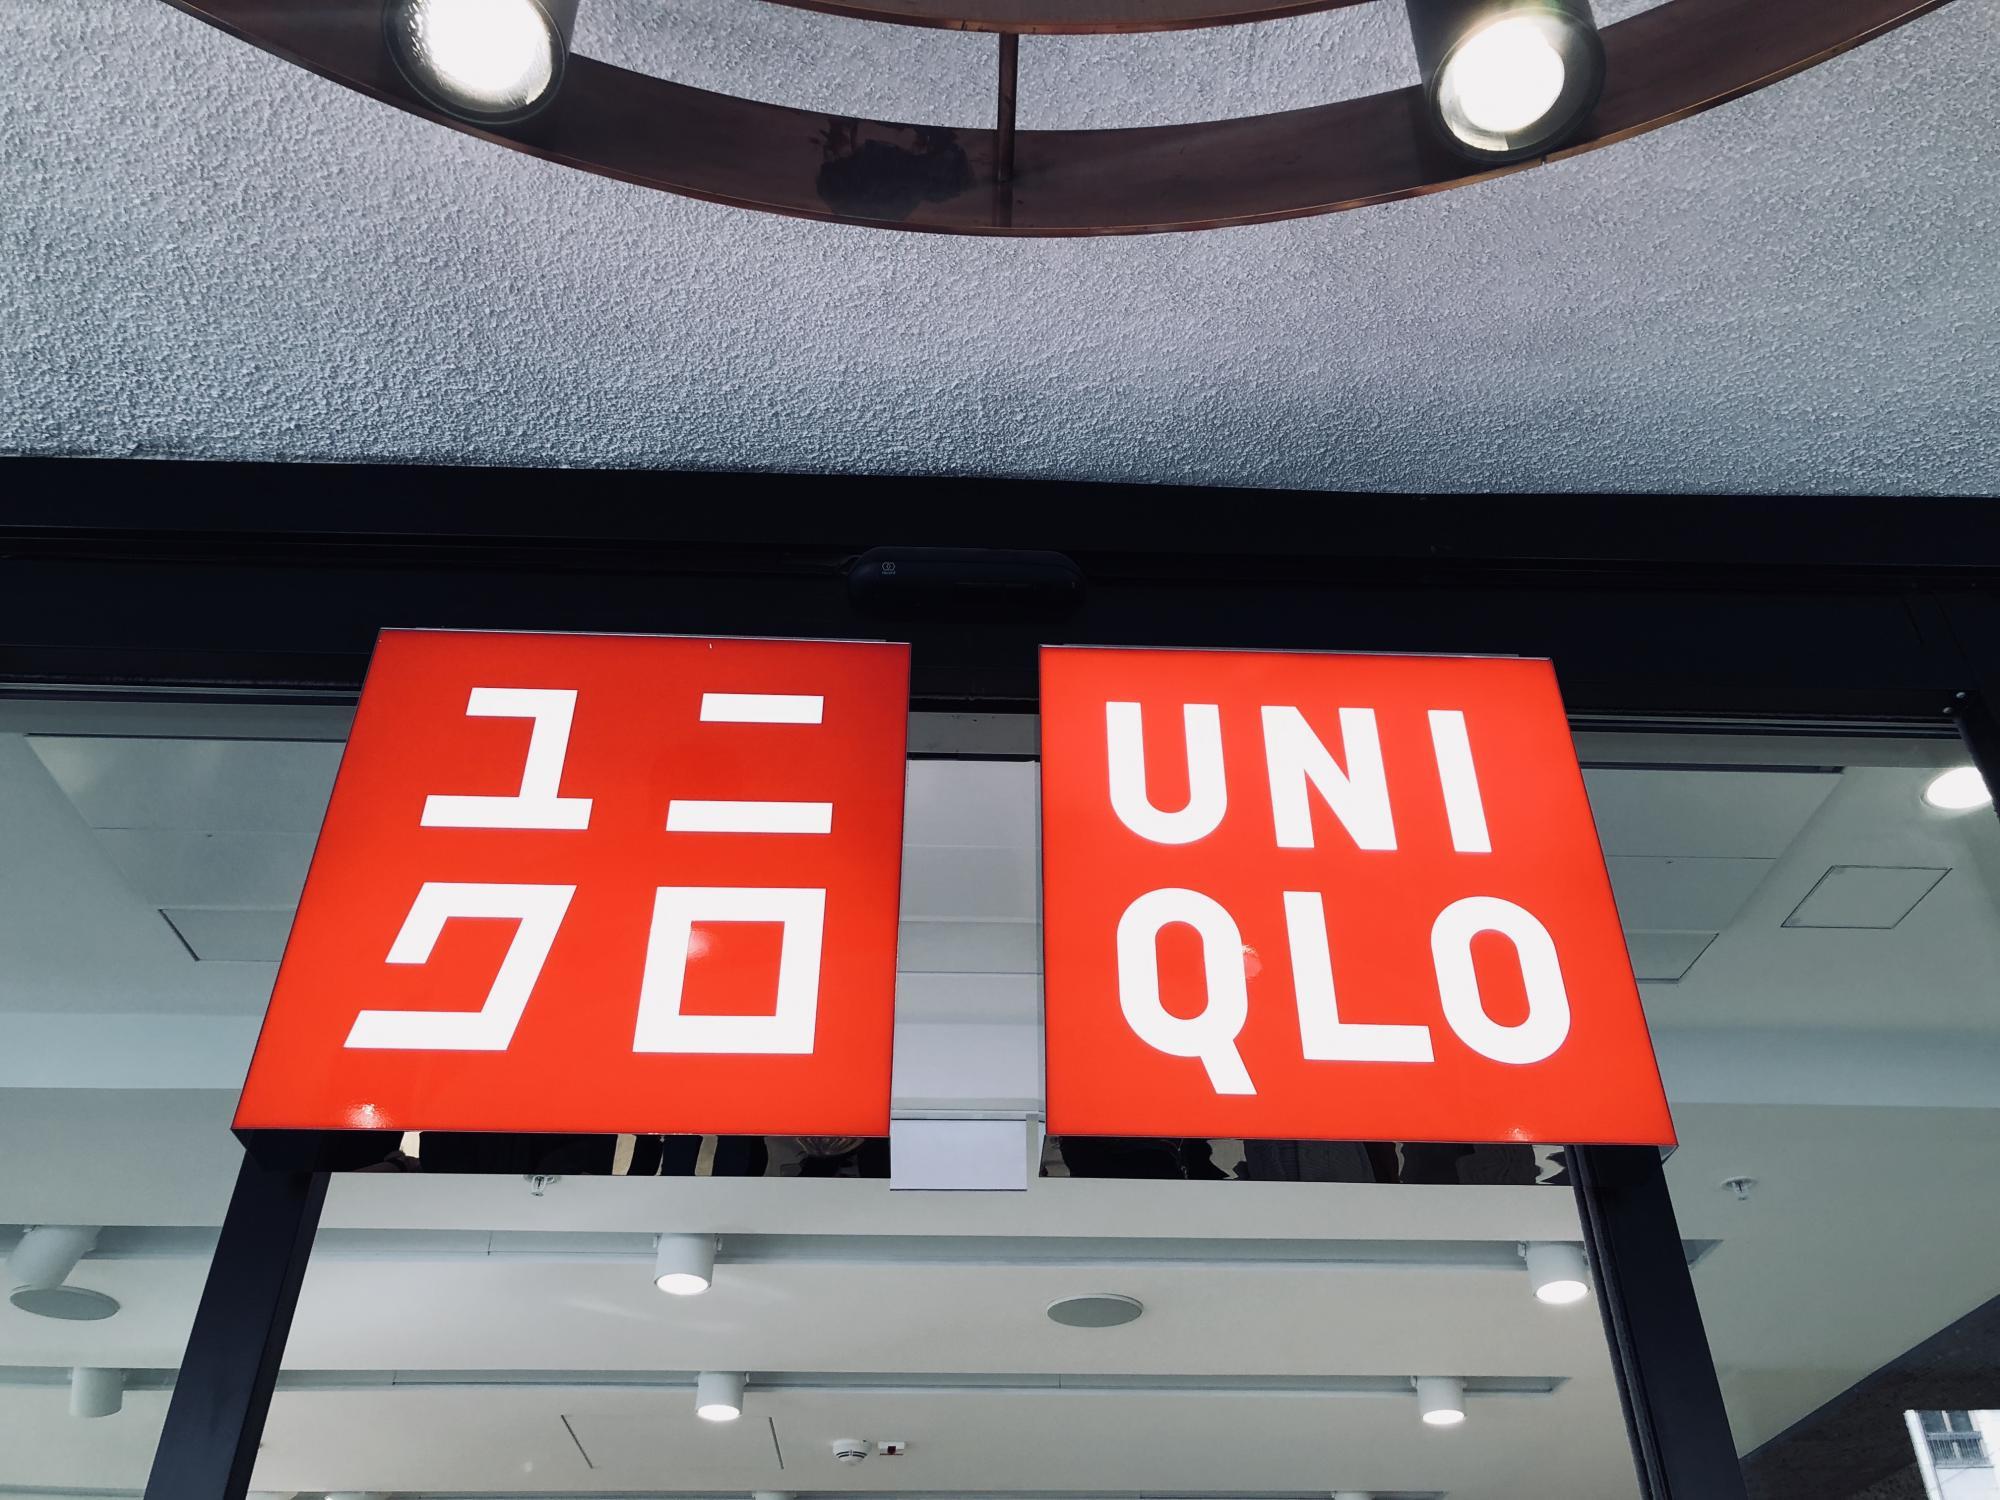 Öppningen av UNIQLO i Stockholm